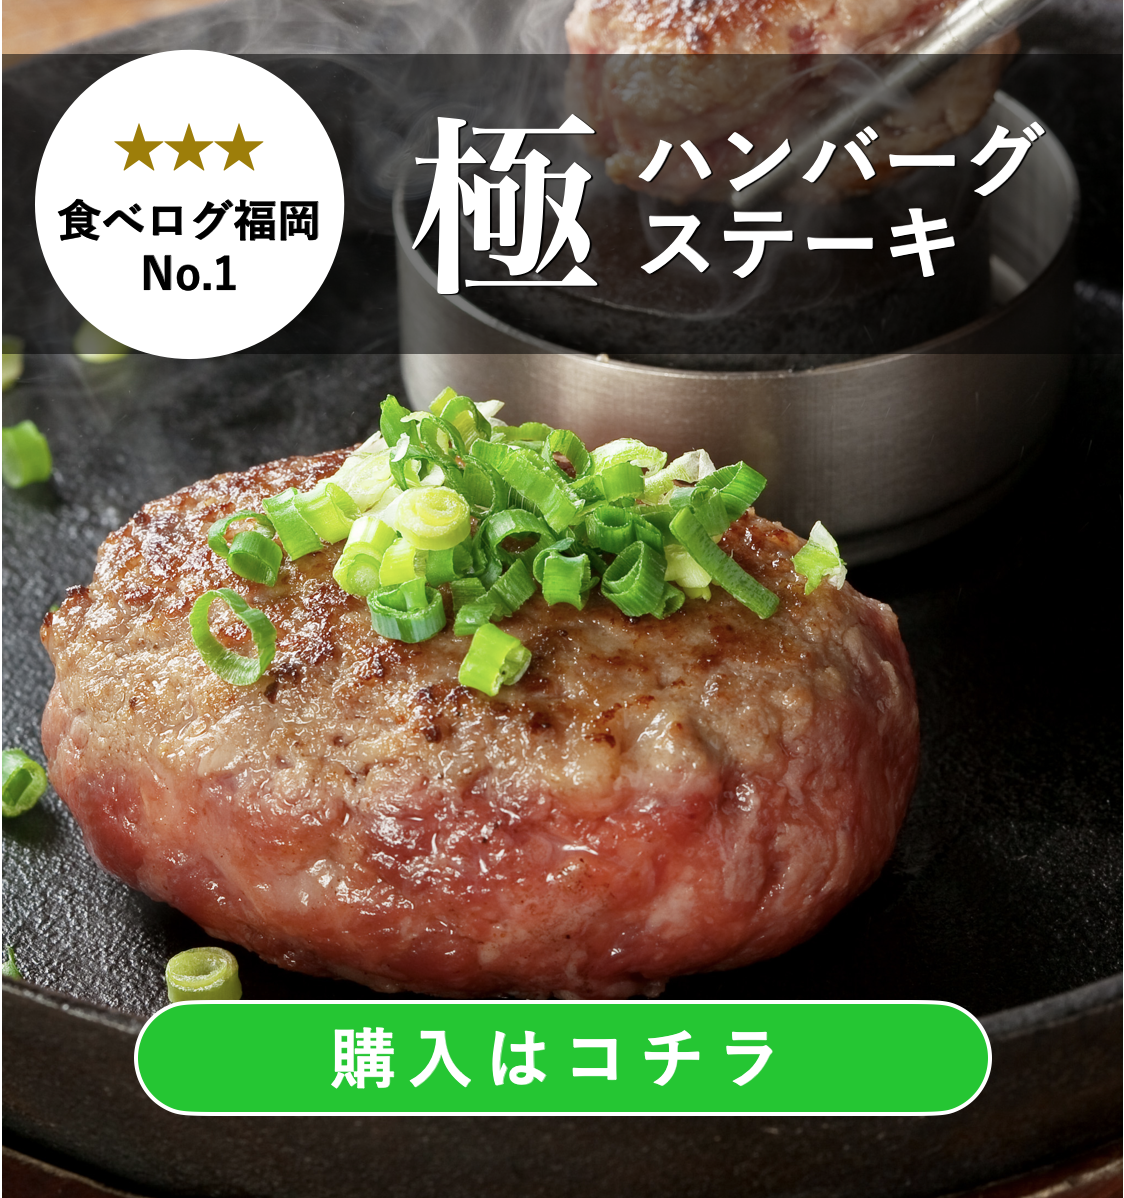 極みハンバーグステーキのご購入はこちら